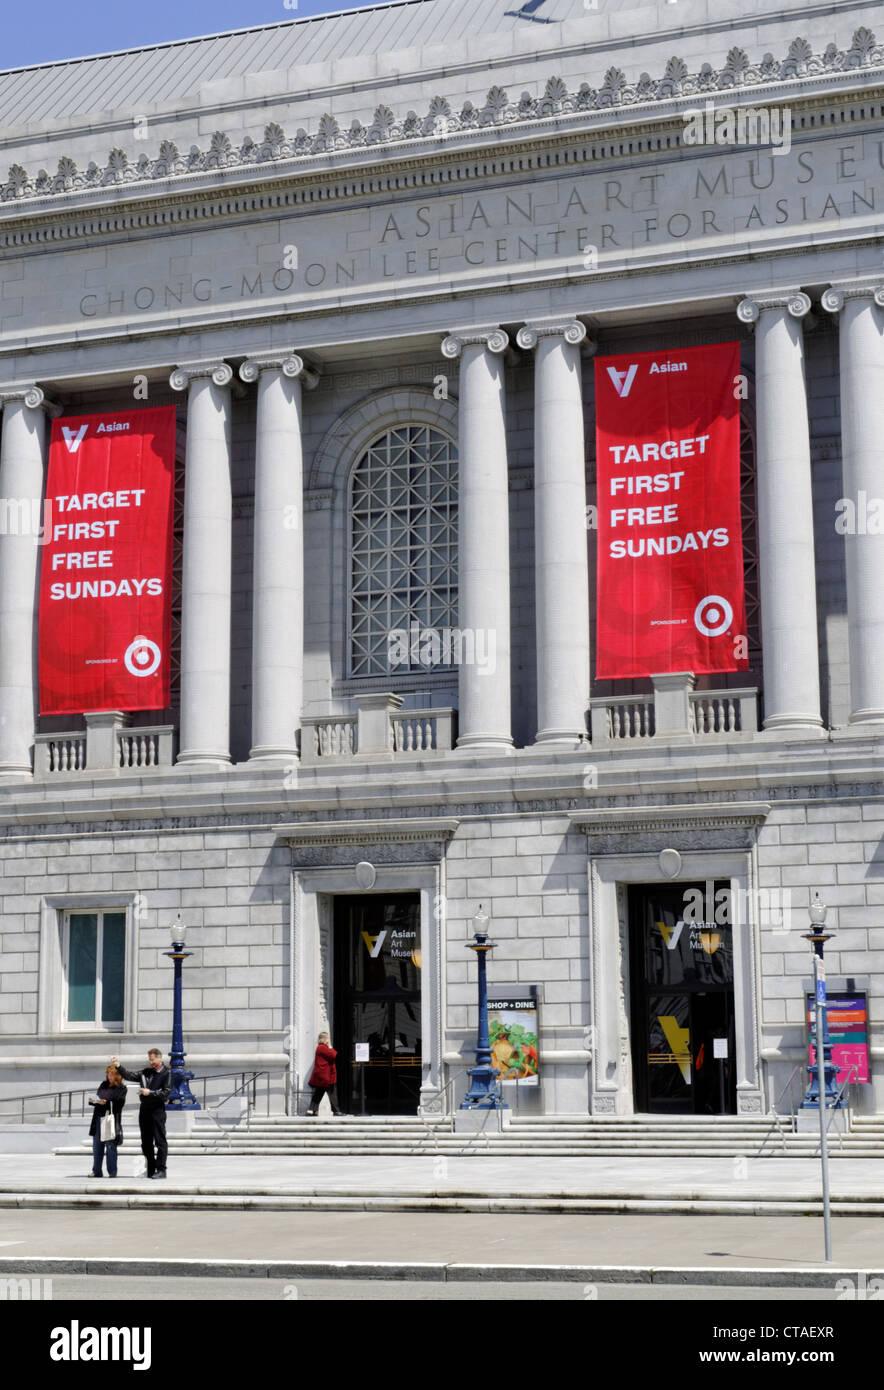 Asian Art Museum, San Francisco, California, USA - Stock Image